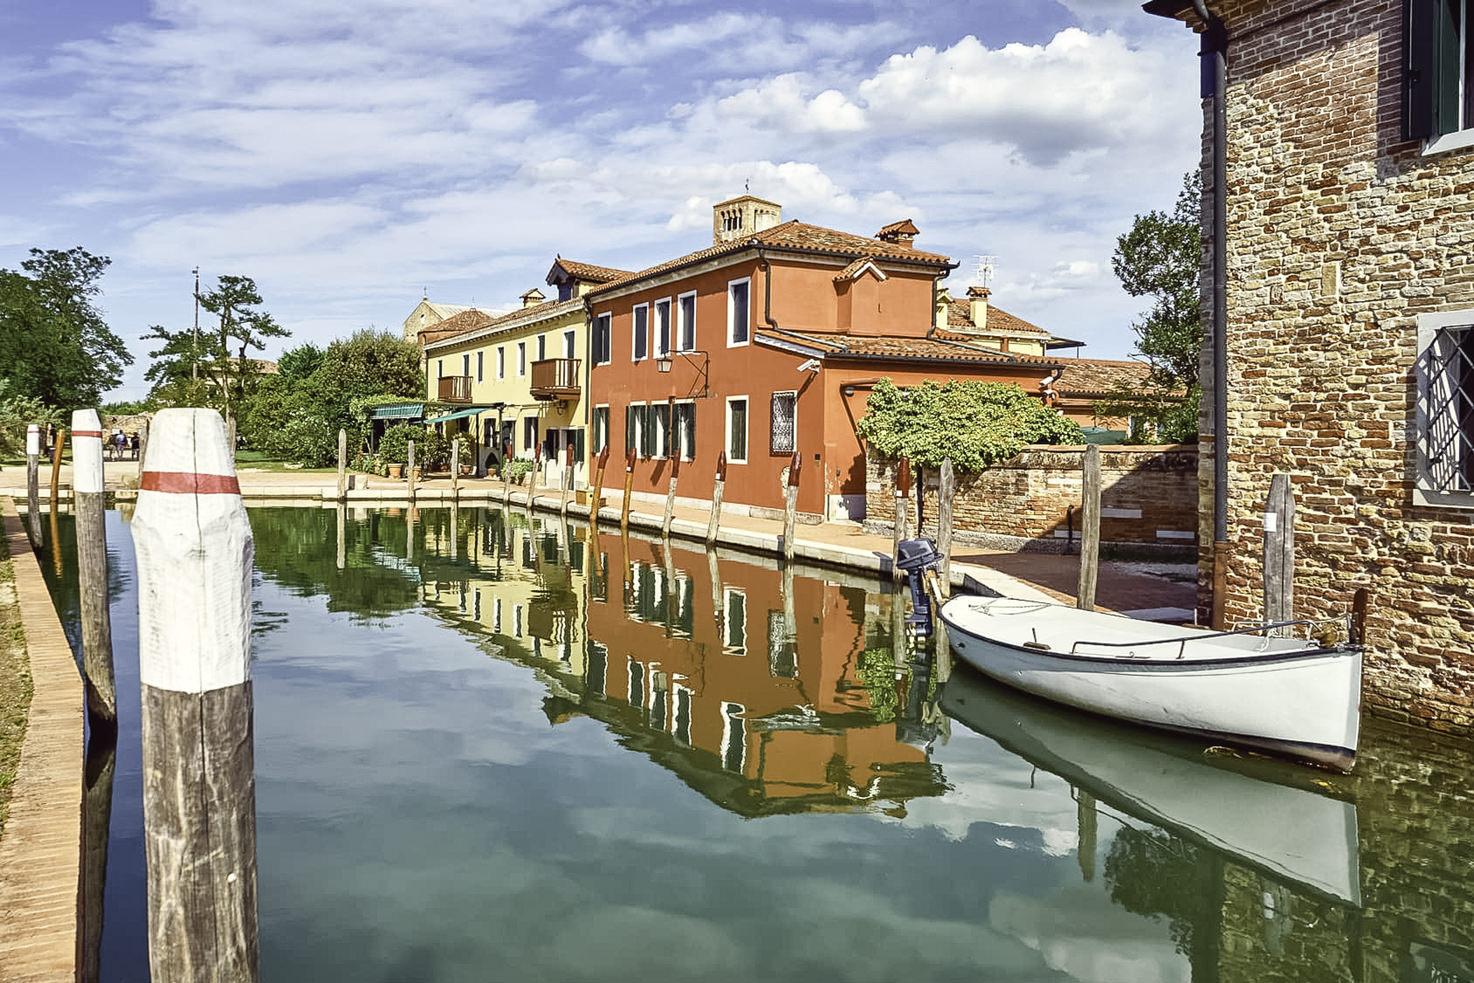 Locanda Cipriani on the island of Torcello, Venice